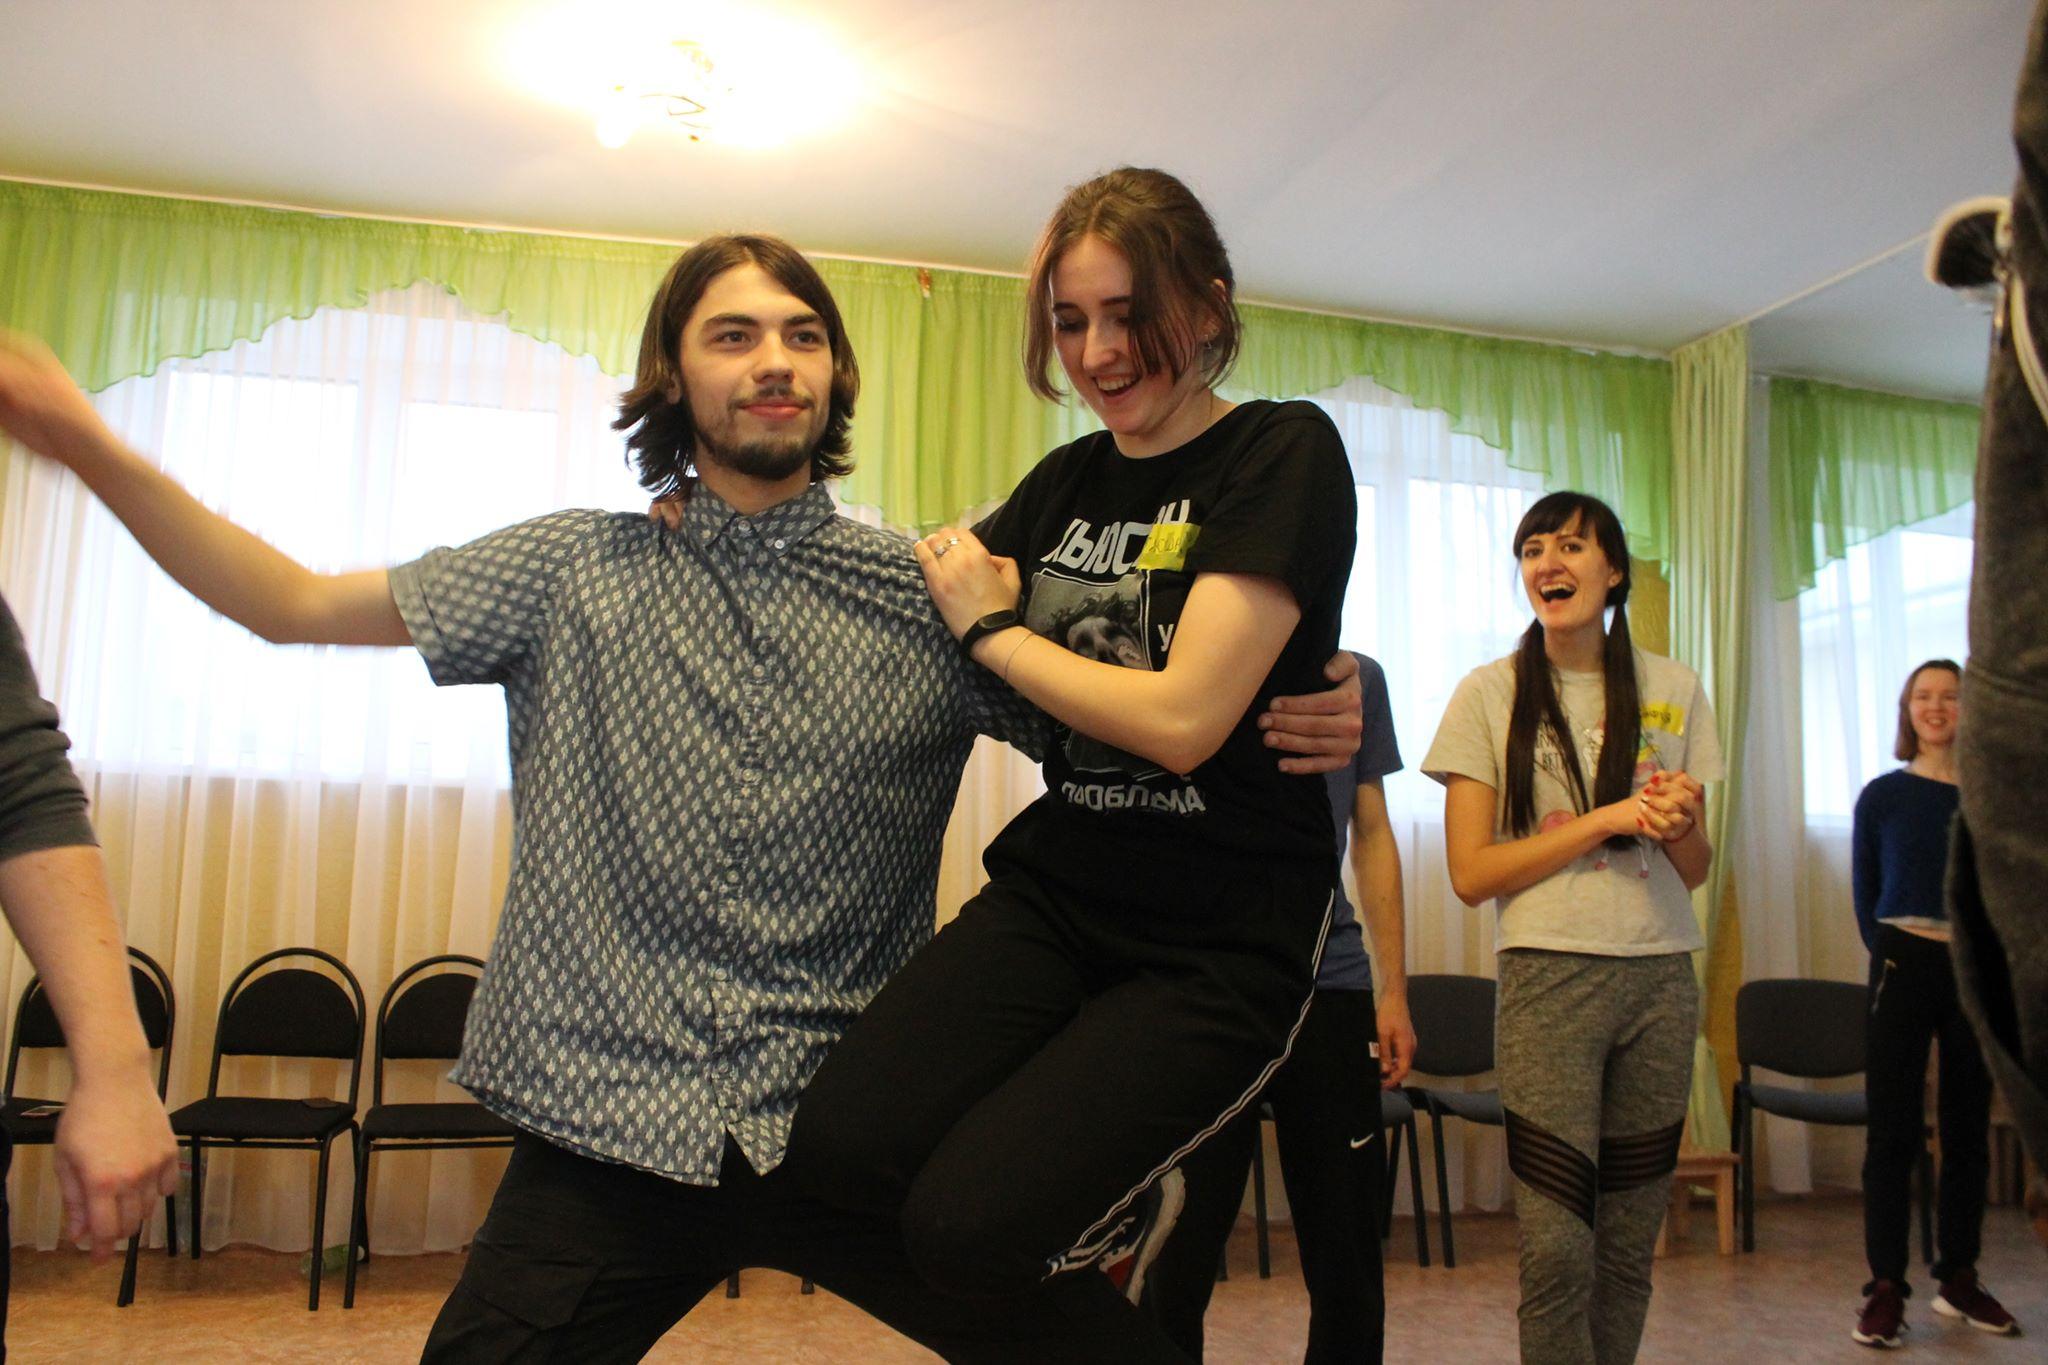 Театр EX LIBRIS: навчання, що змінює ракурс поглядів (Фото)